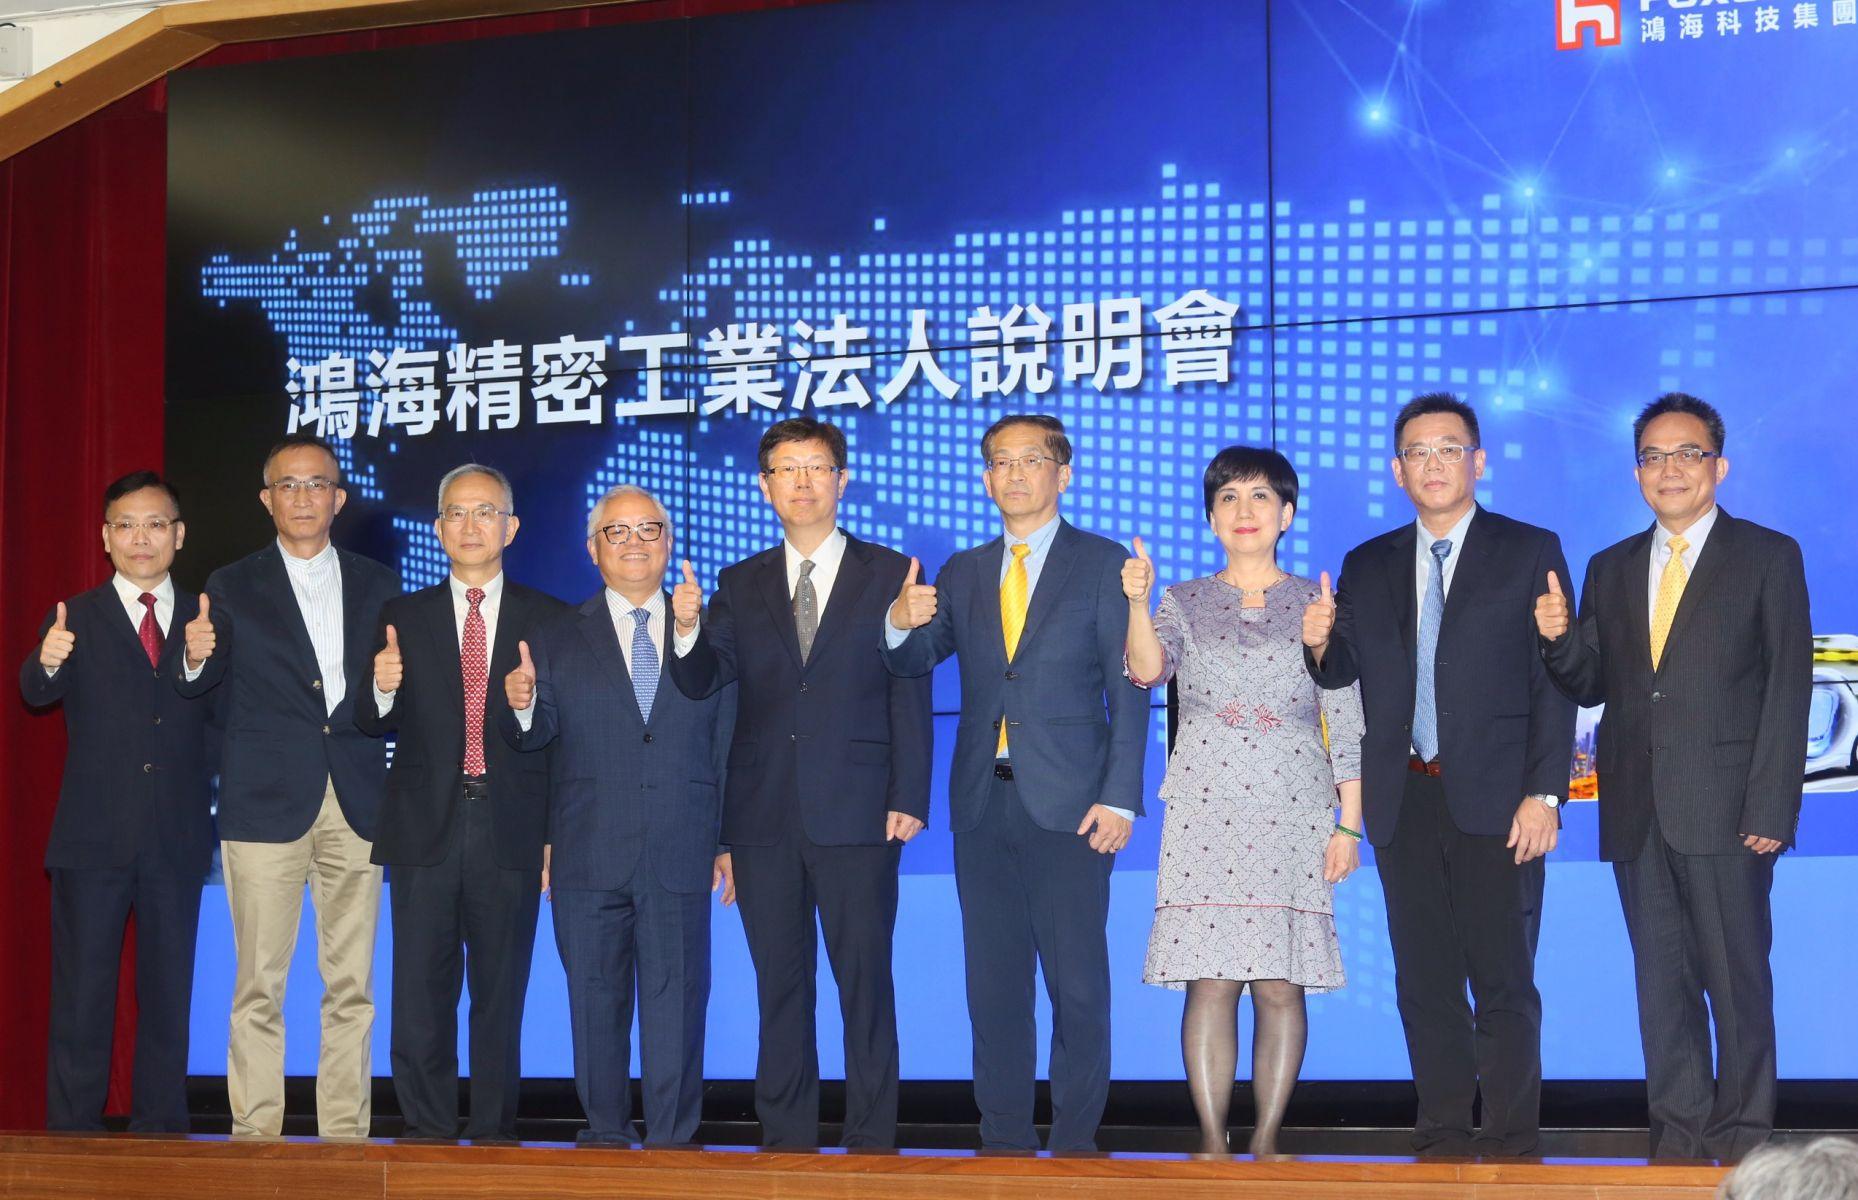 鴻海經營委員會九位成員首次同台亮相